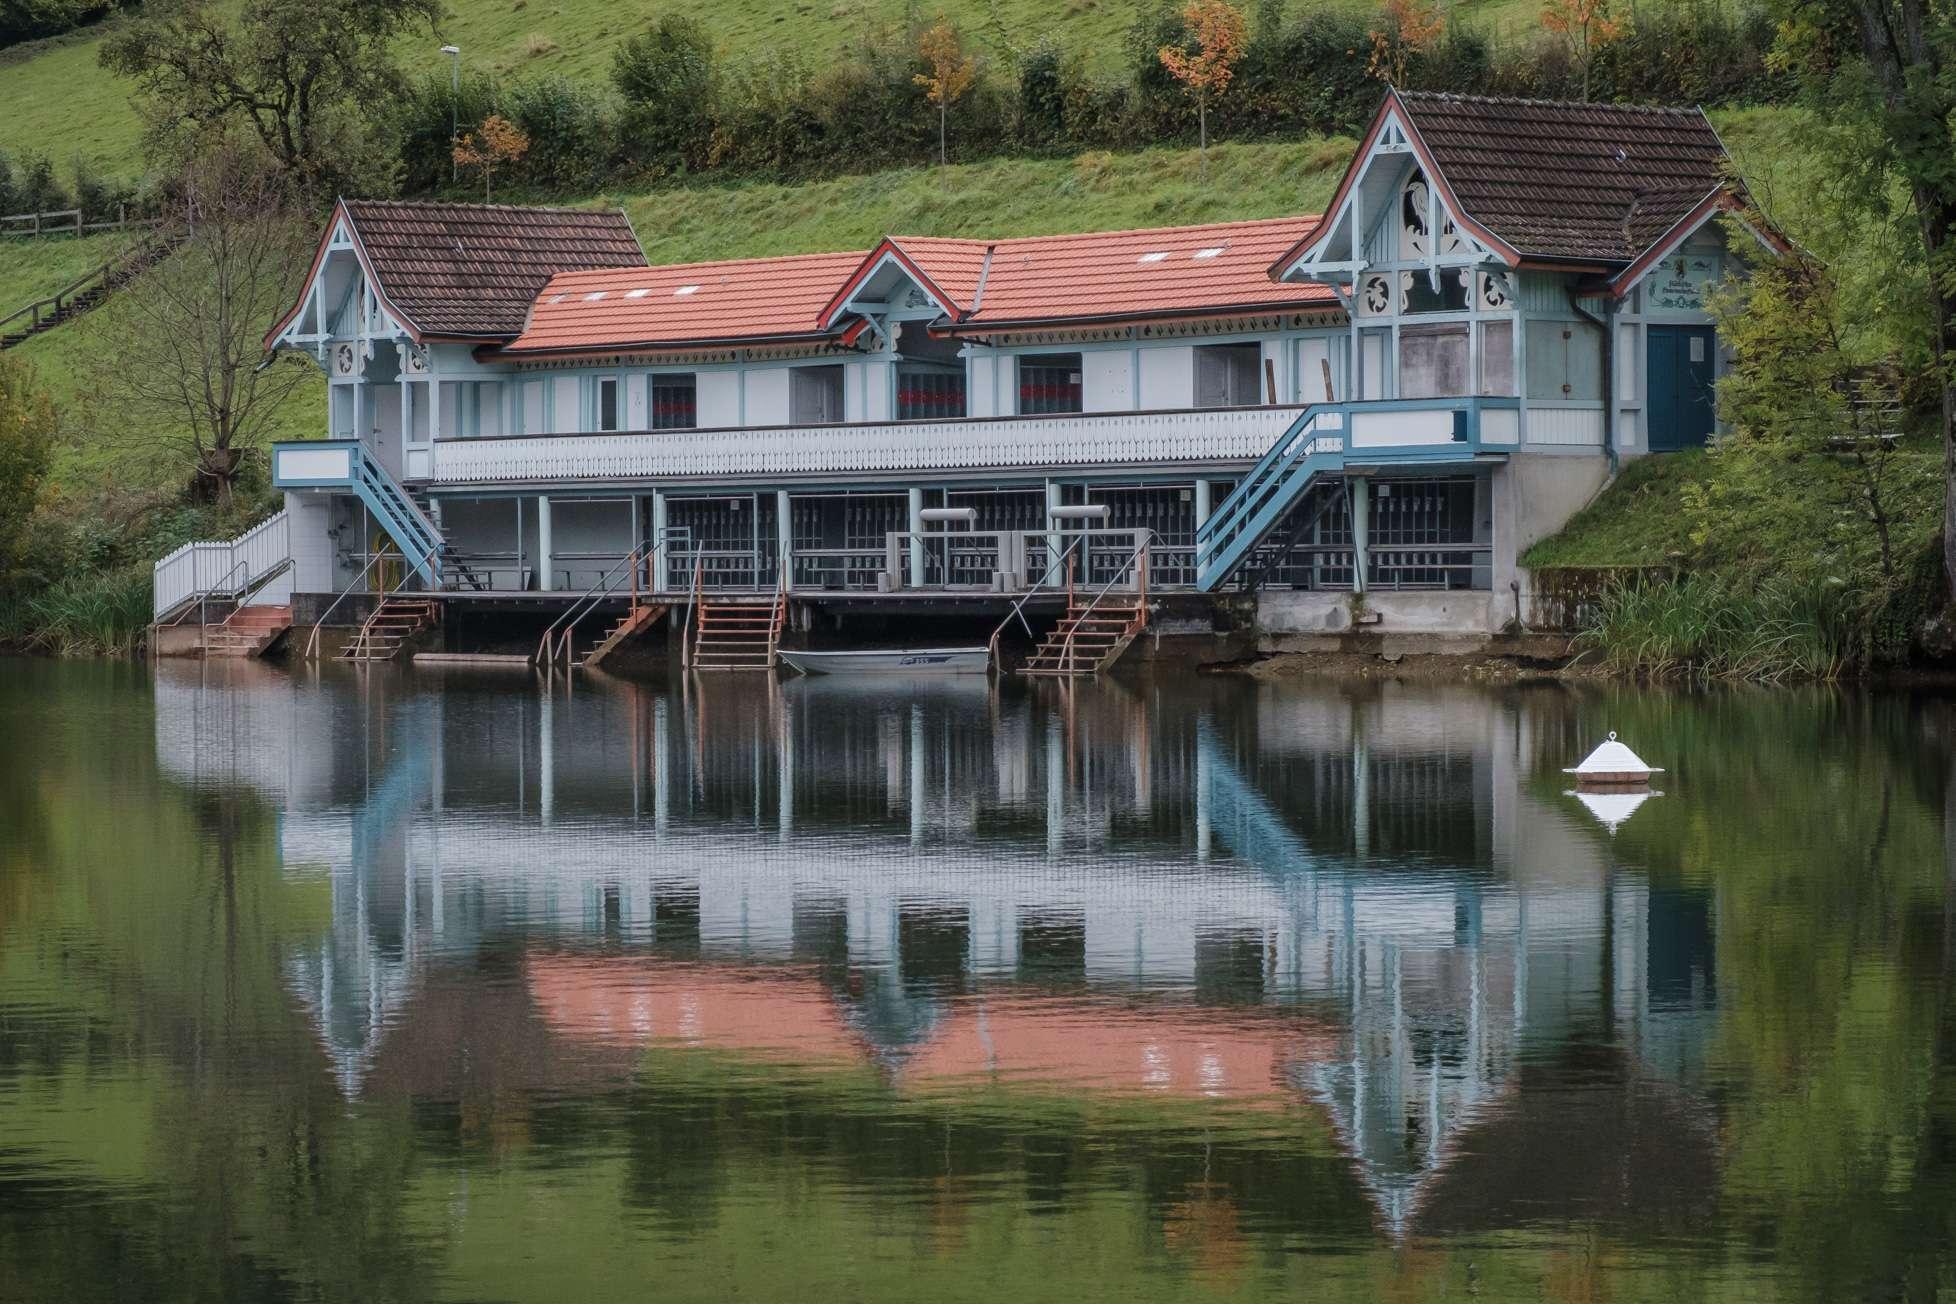 Vintage boat house at Drei Weieren in St. Gallen